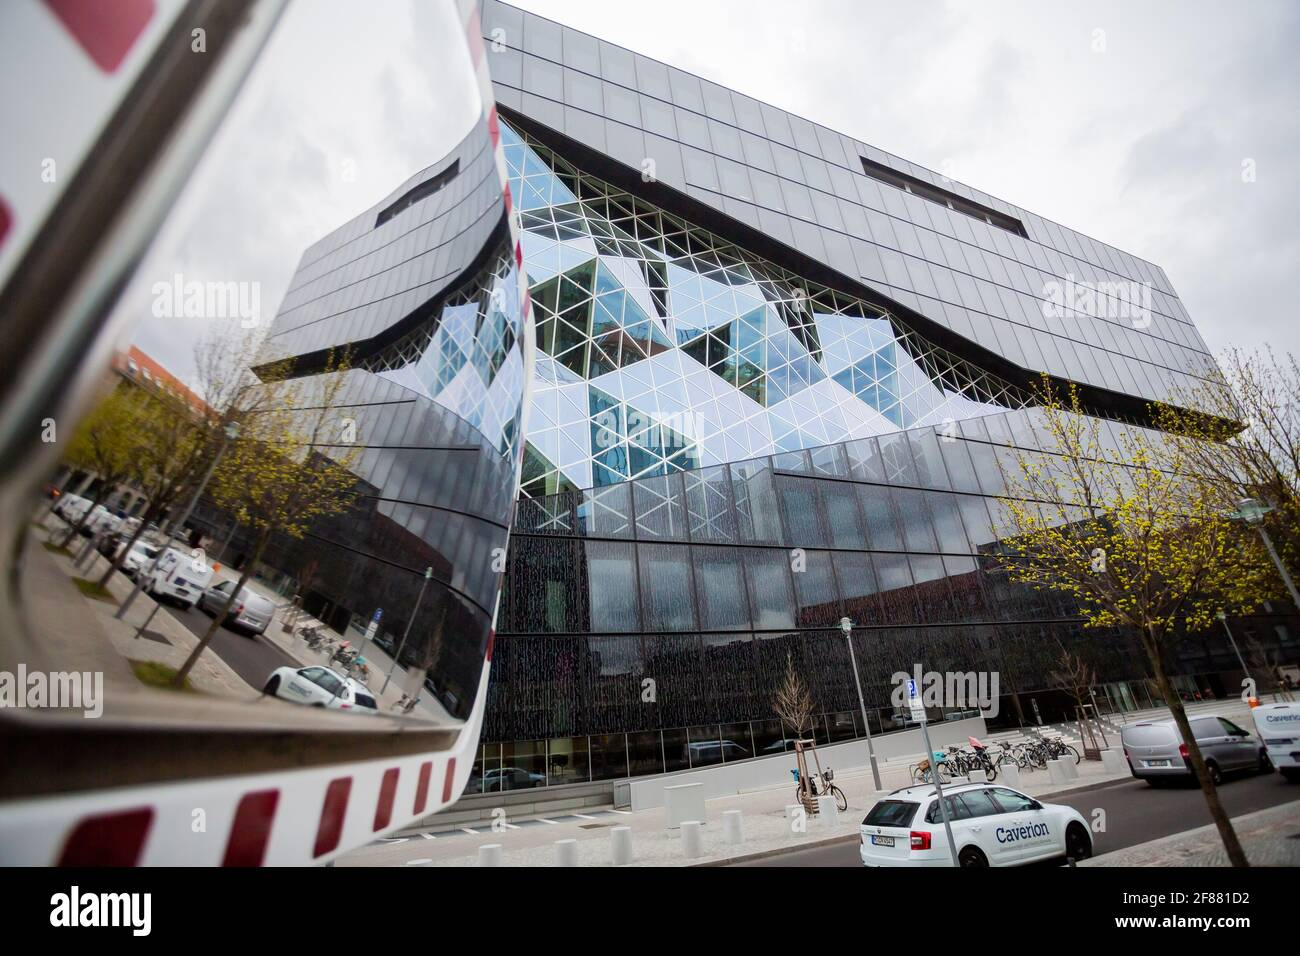 Berlín, Alemania. 12th de Abr de 2021. El nuevo edificio Axel Springer se refleja en un espejo de calle. Crédito: Christoph Soeder/dpa/Alamy Live News Foto de stock